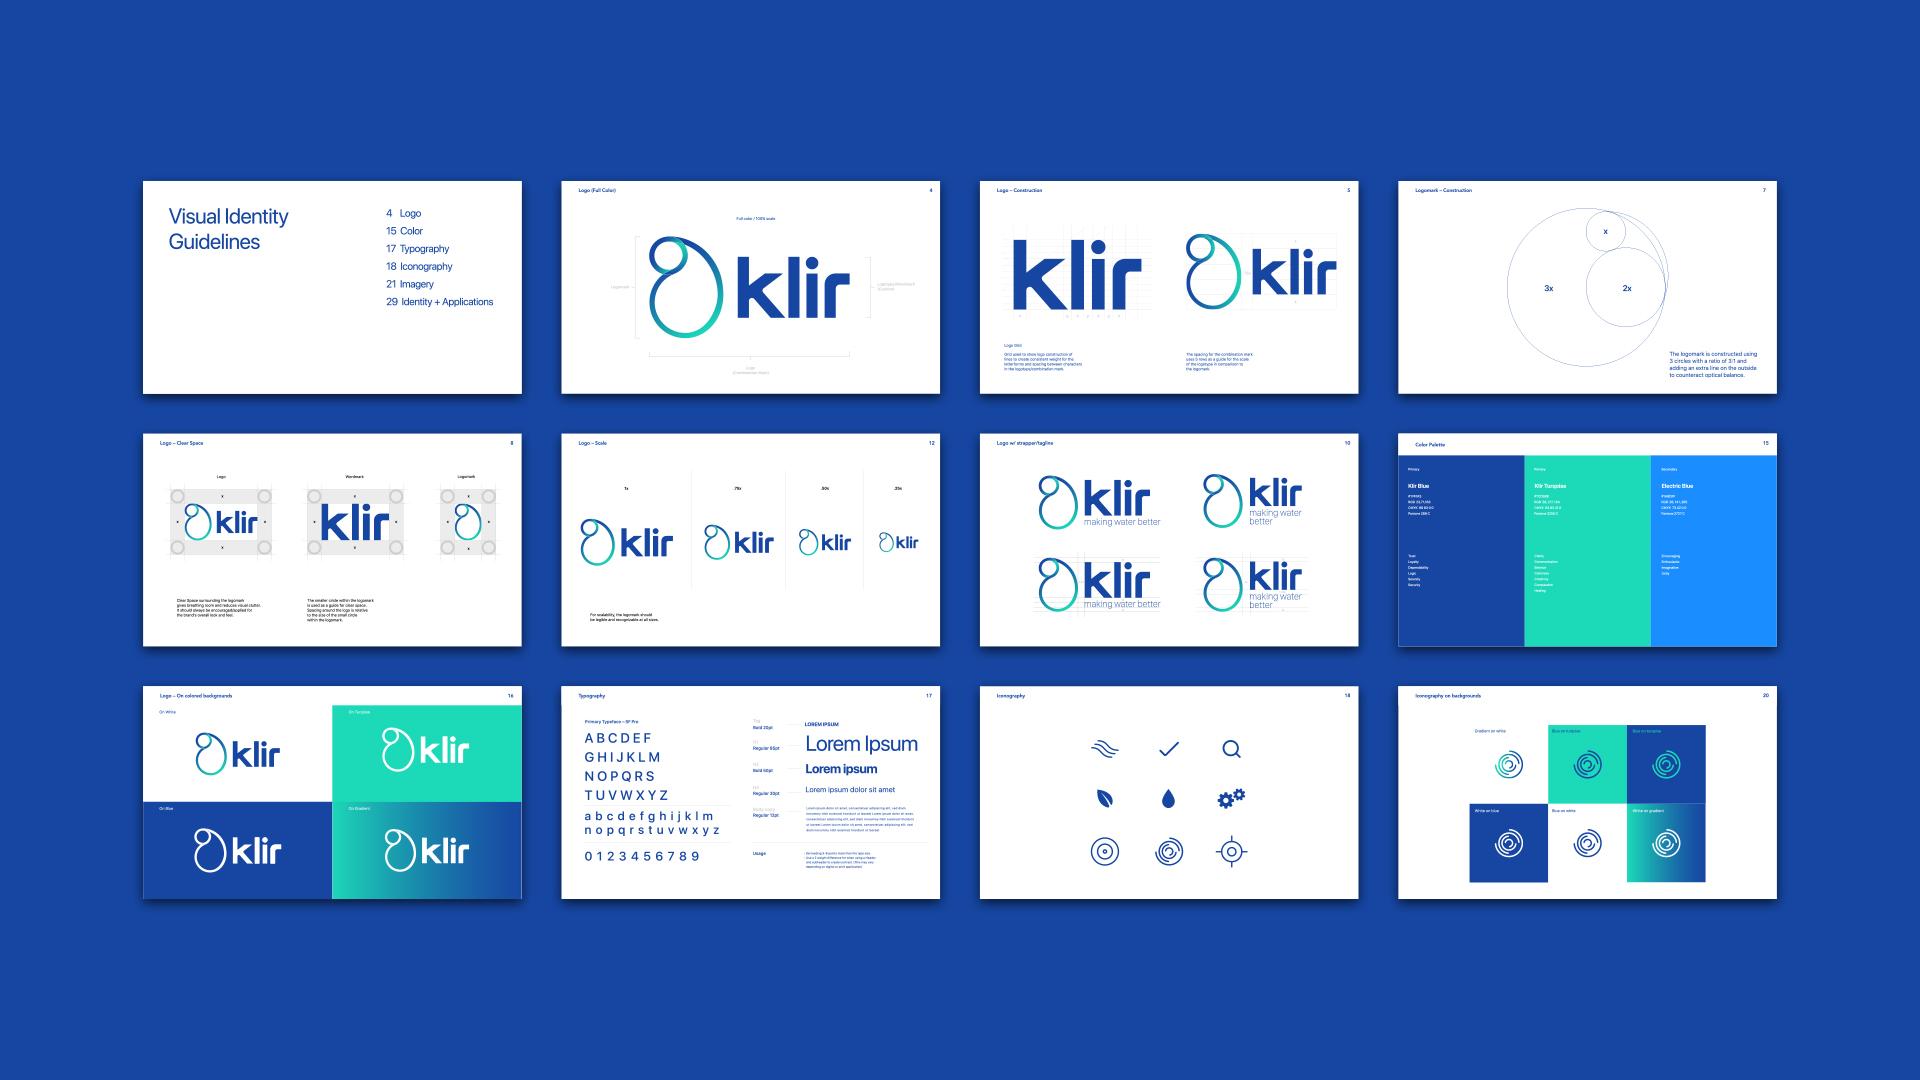 klir brand guidelines